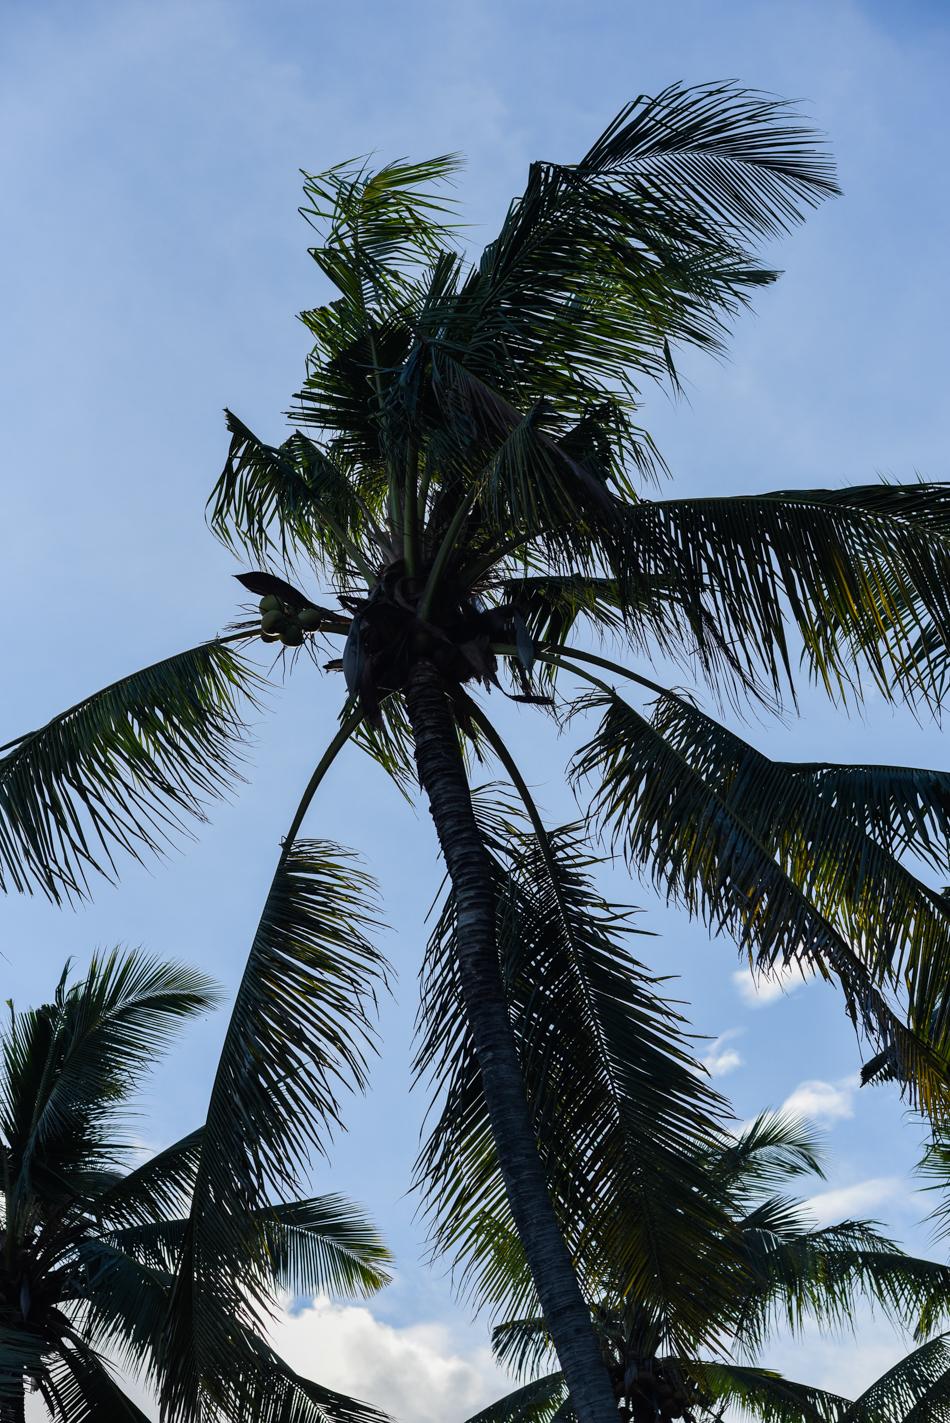 Bali-Honeymoon-Travel-AnaisStoelen-131.jpg